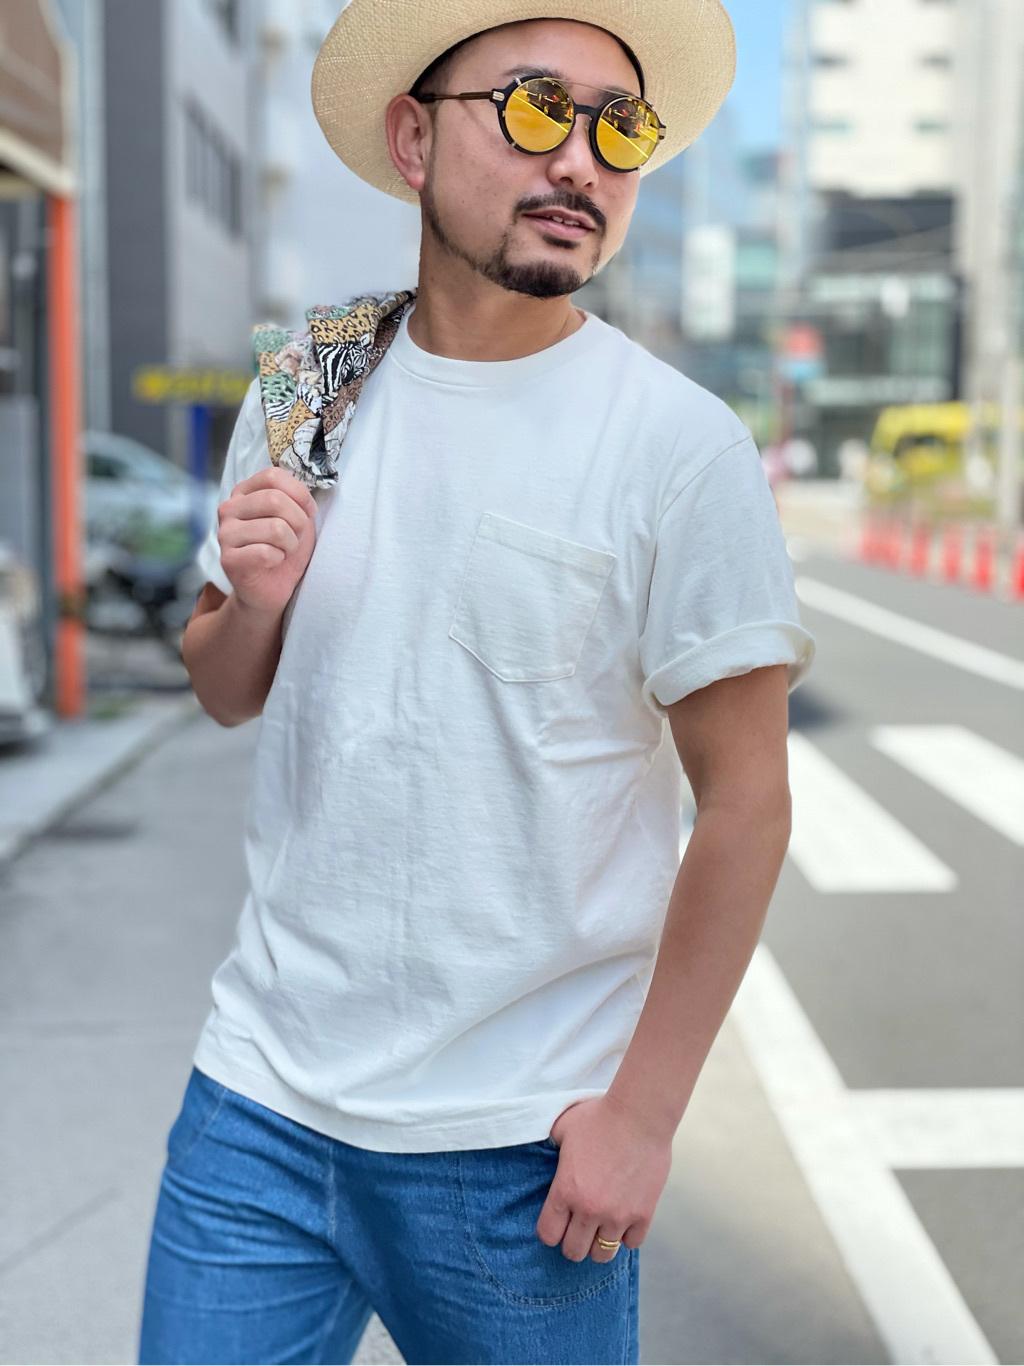 ALPHA SHOP渋谷店のKataoka.RさんのALPHAの【直営店限定】半袖Tシャツ MADE IN USAを使ったコーディネート